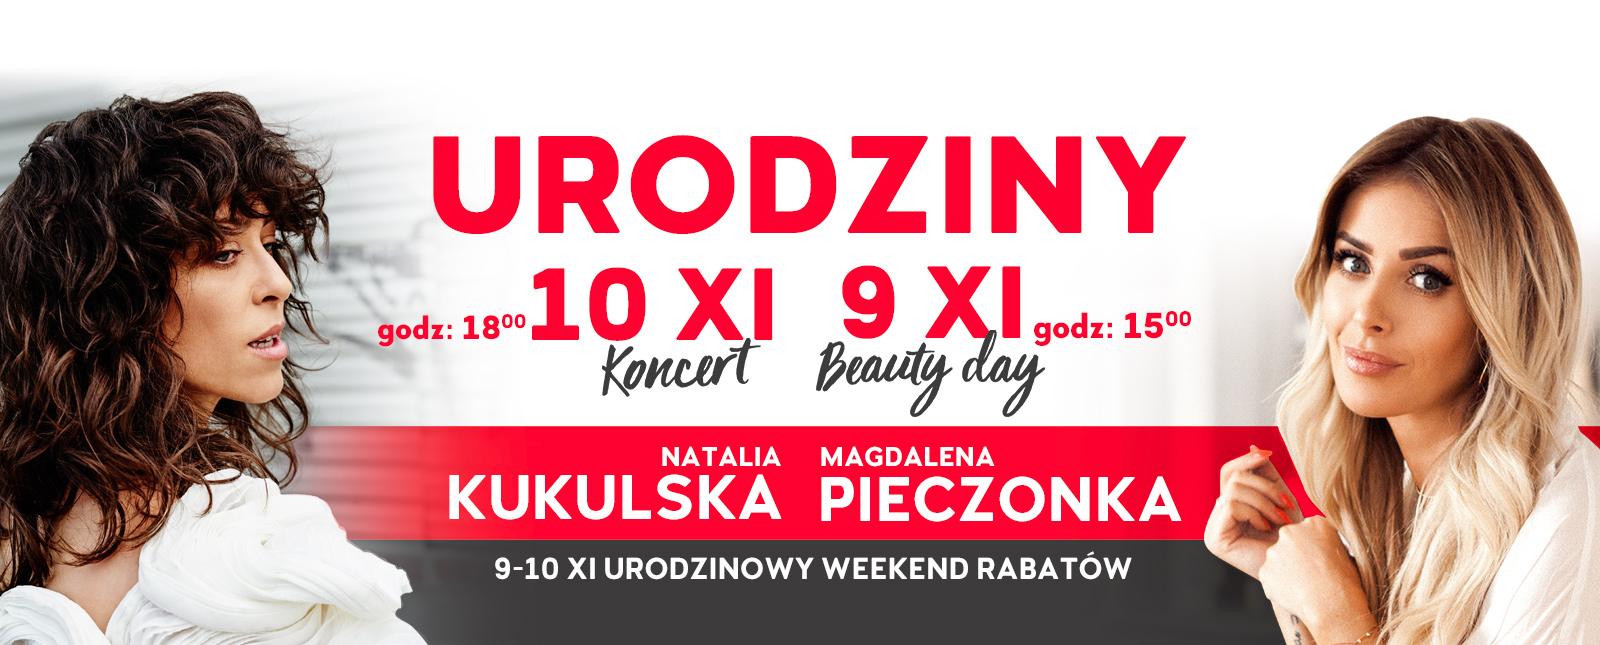 URODZINY_6